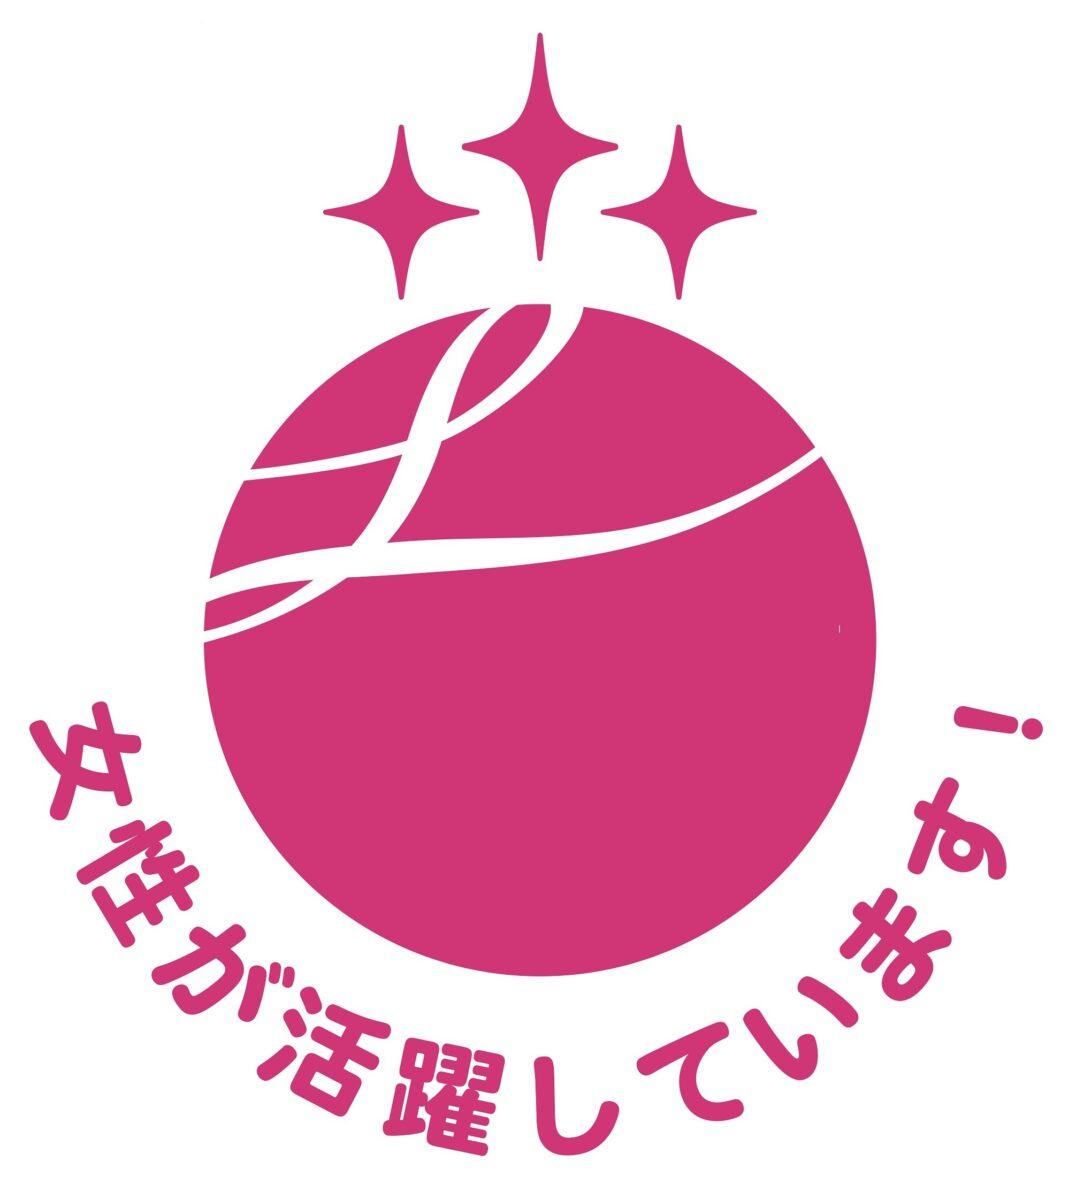 えるぼし(3つ星)